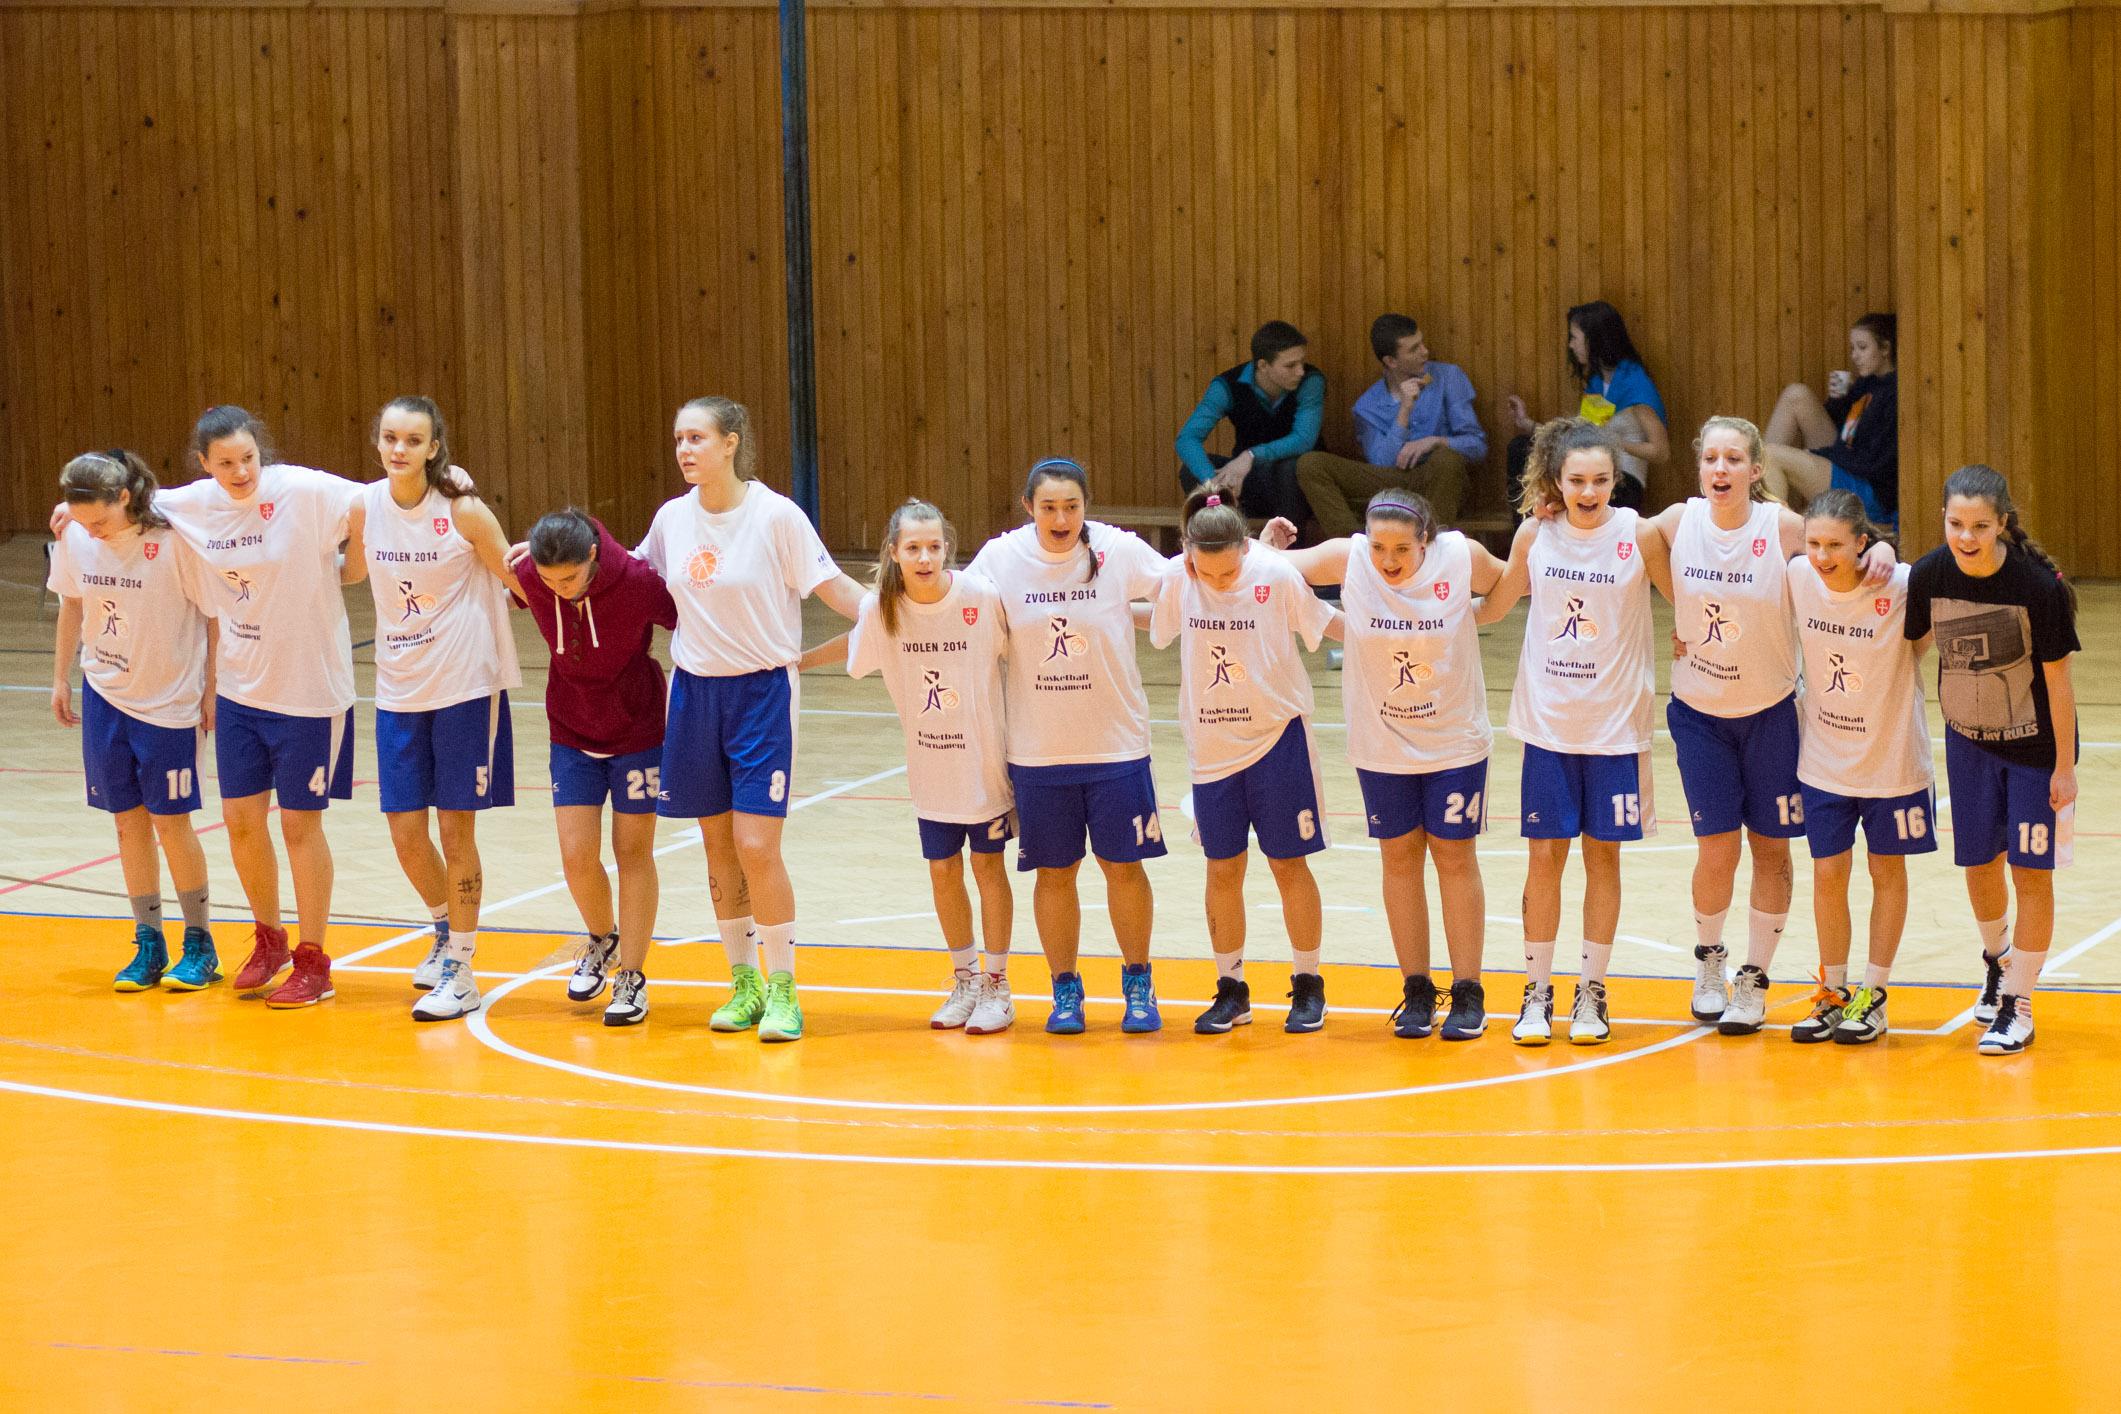 trojkralovy-basketbalovy-turnaj-2014-zvolen-11